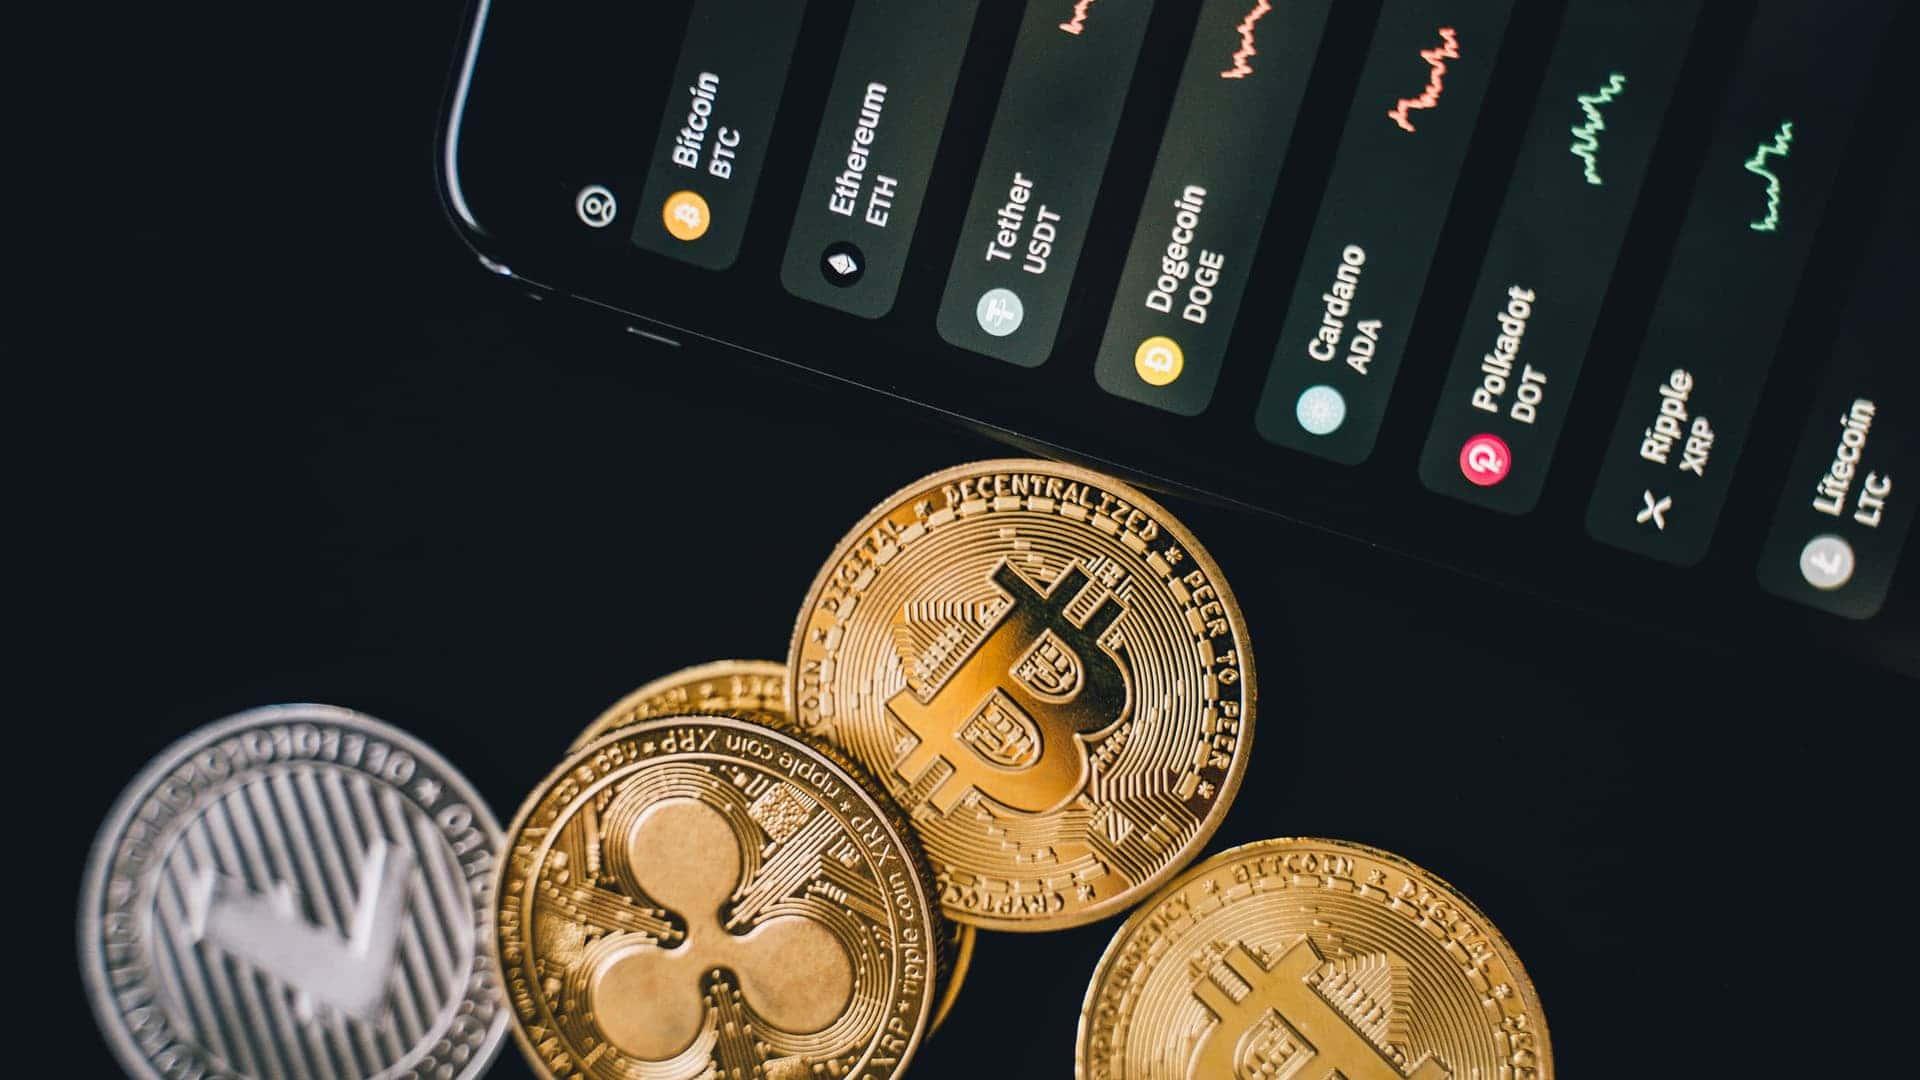 Gruppo di monete oro e argento vicino a uno schermo del telefono